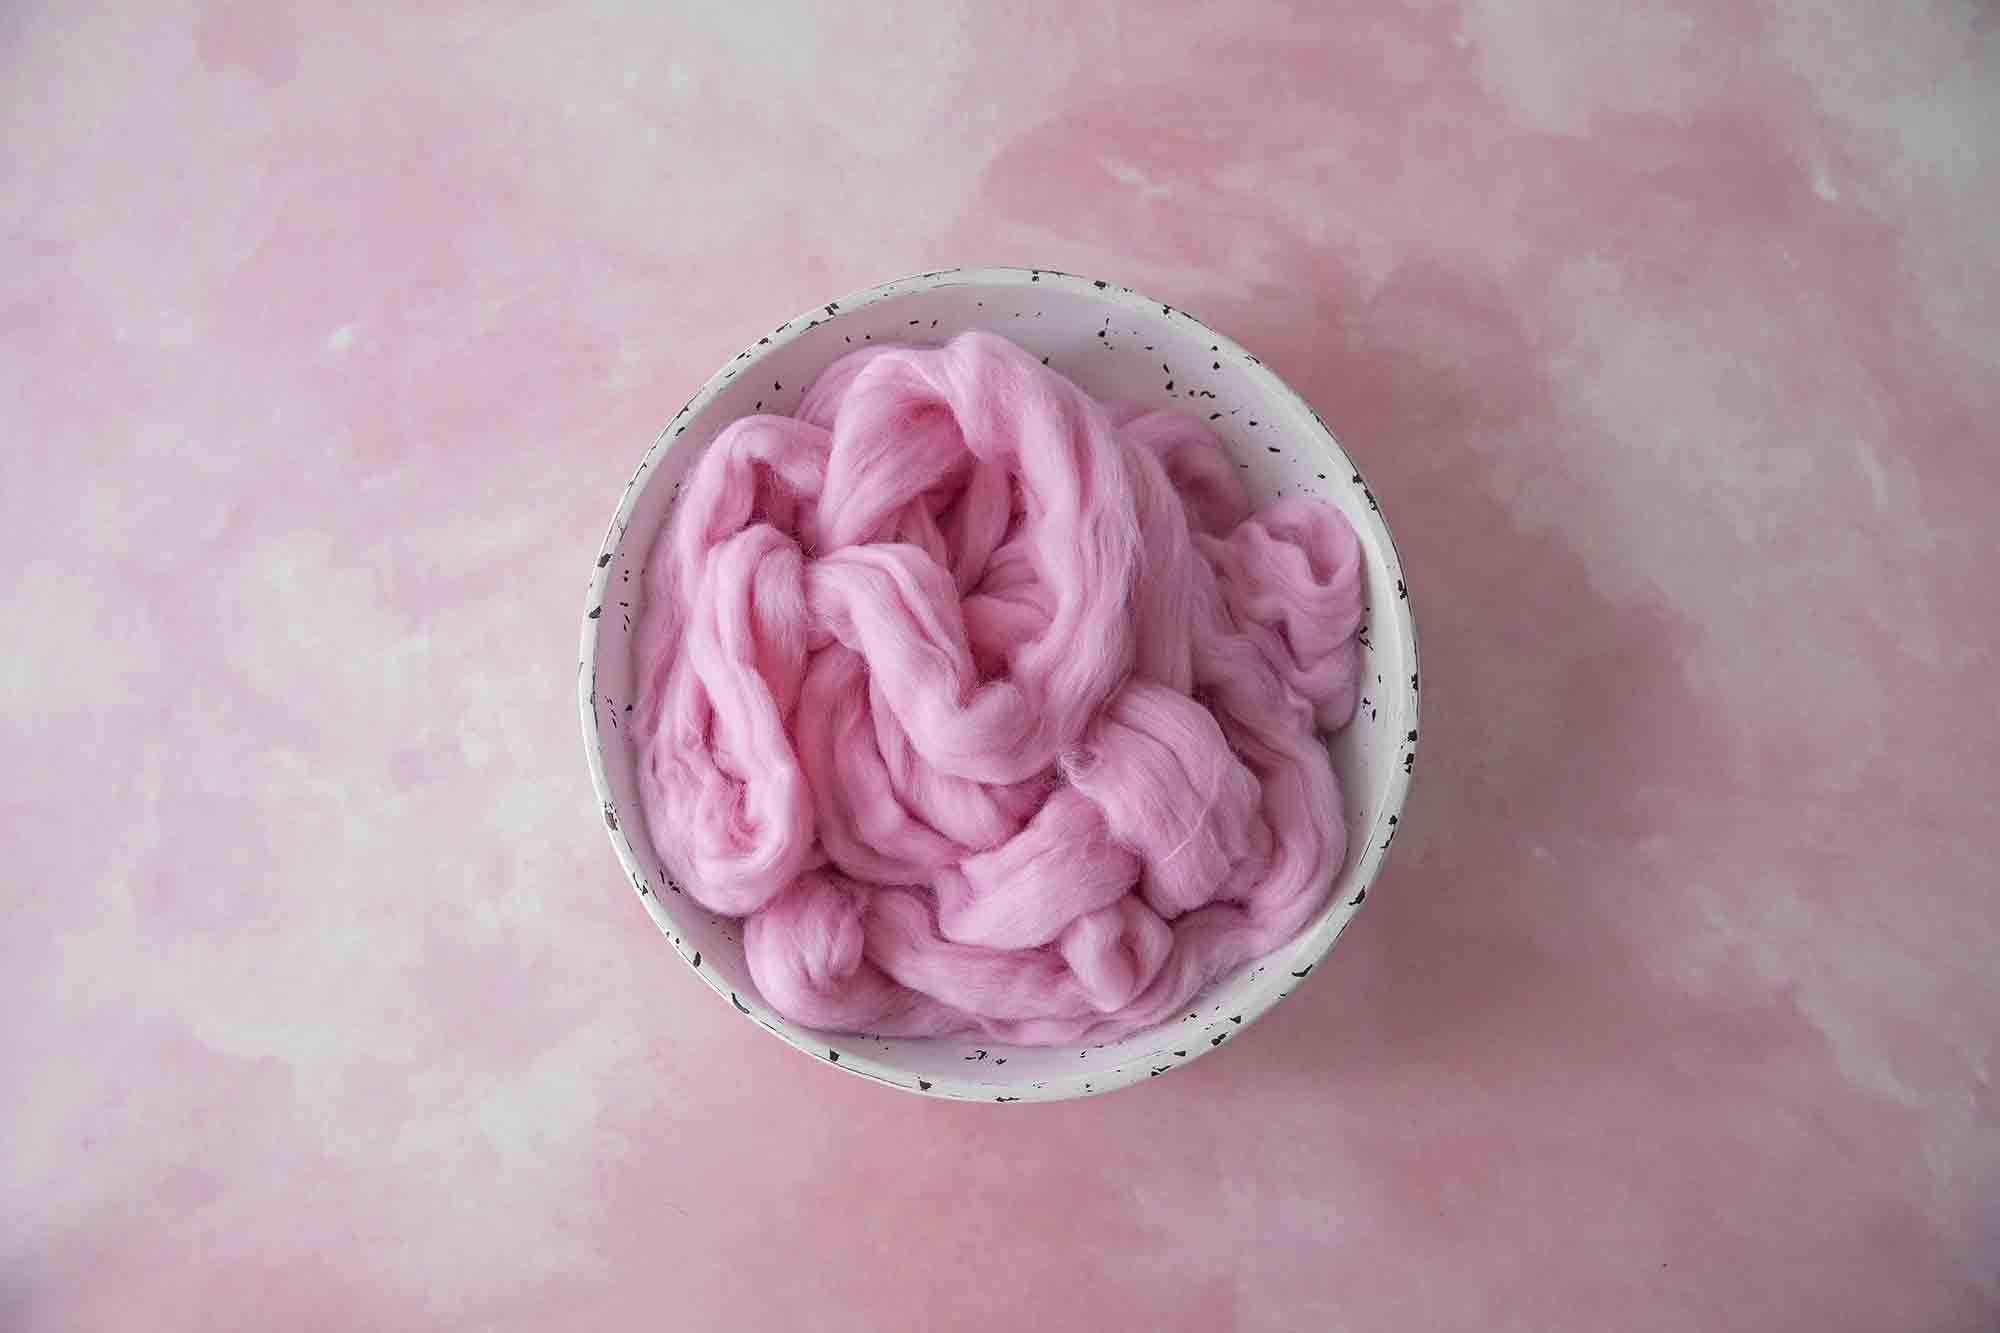 100% Merino Soft Watermelon Pink Roving Wool